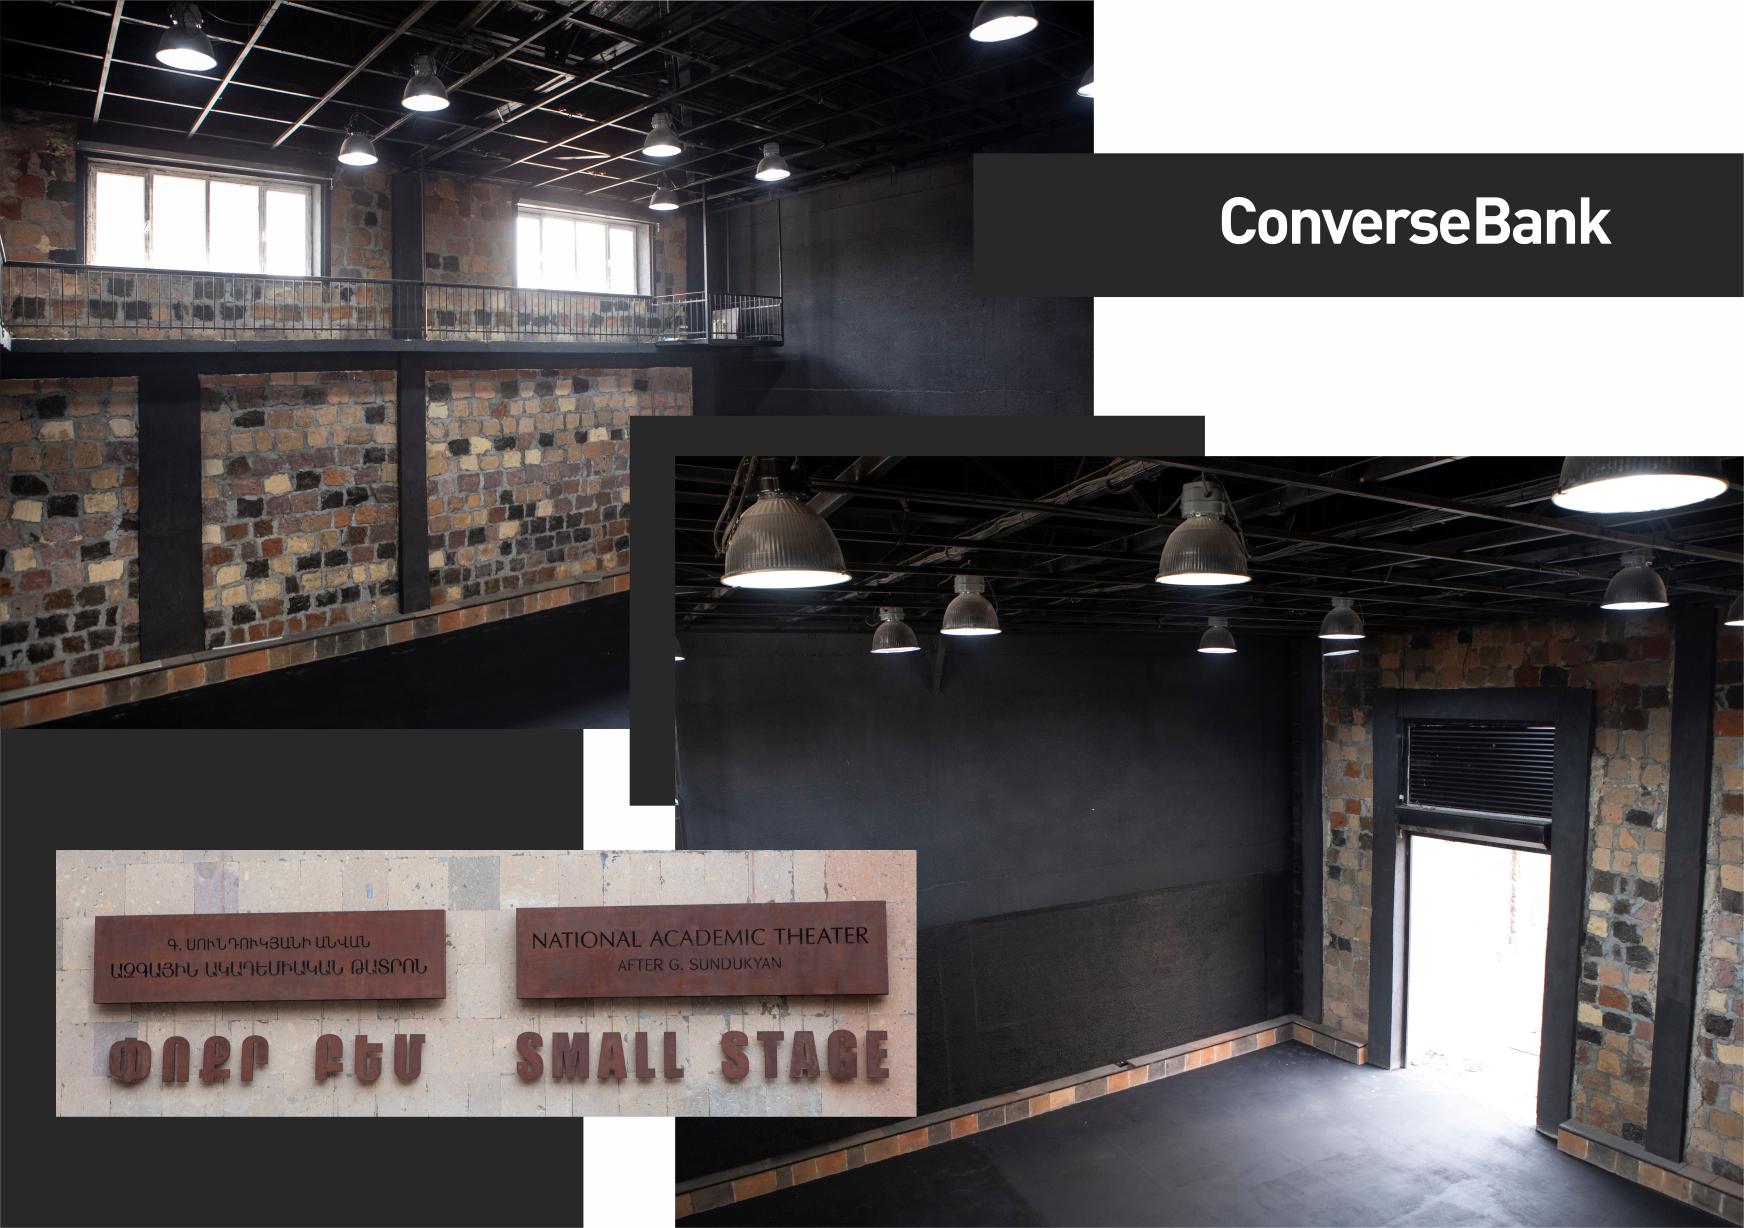 При поддержке Конверс Банка при театре имени Сундукяна откроется малая сцена - Black Box 1